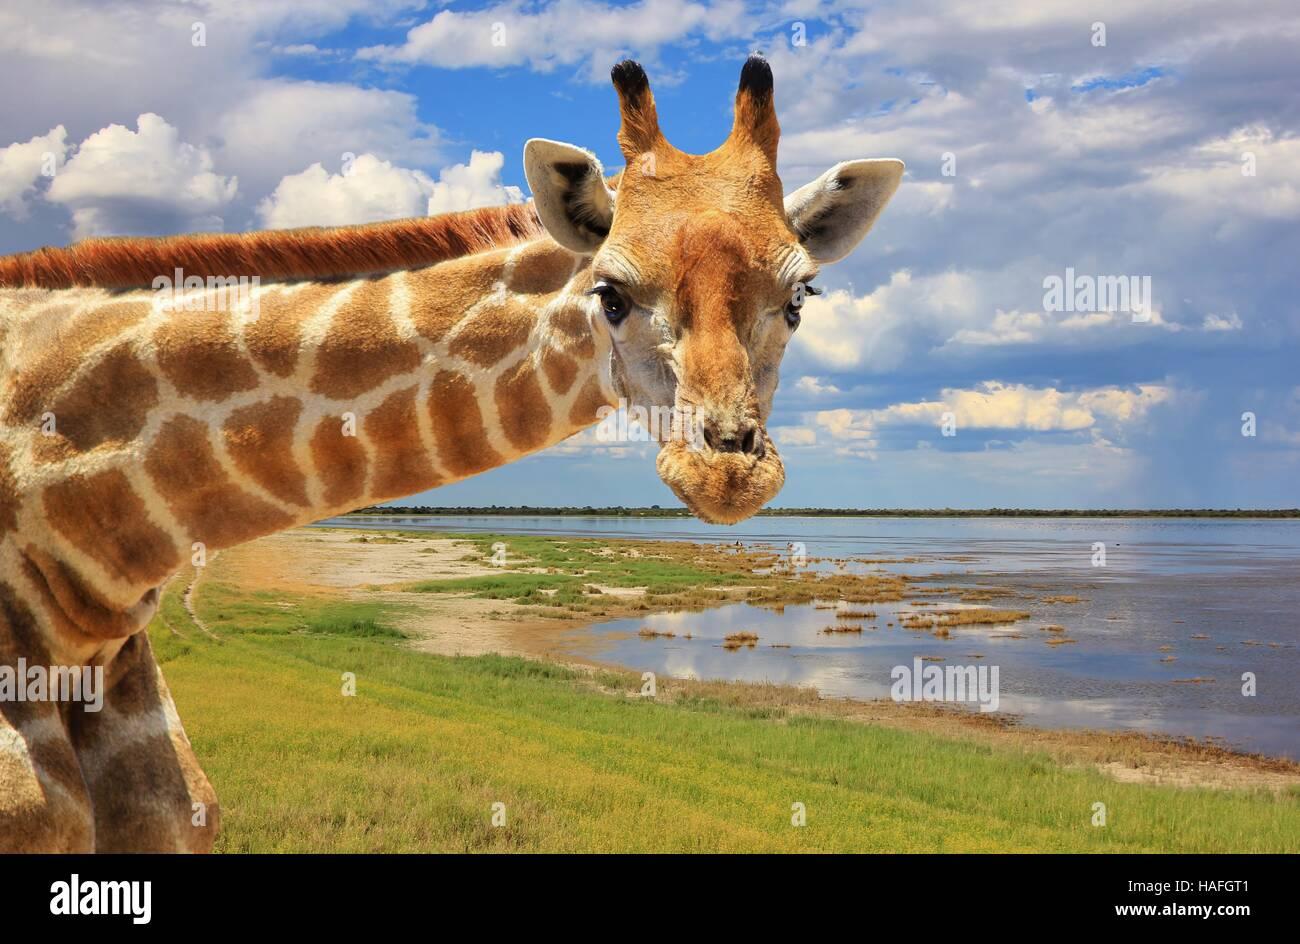 Giraffe - afrikanische Tierwelt in der Wildnis - Stockbild